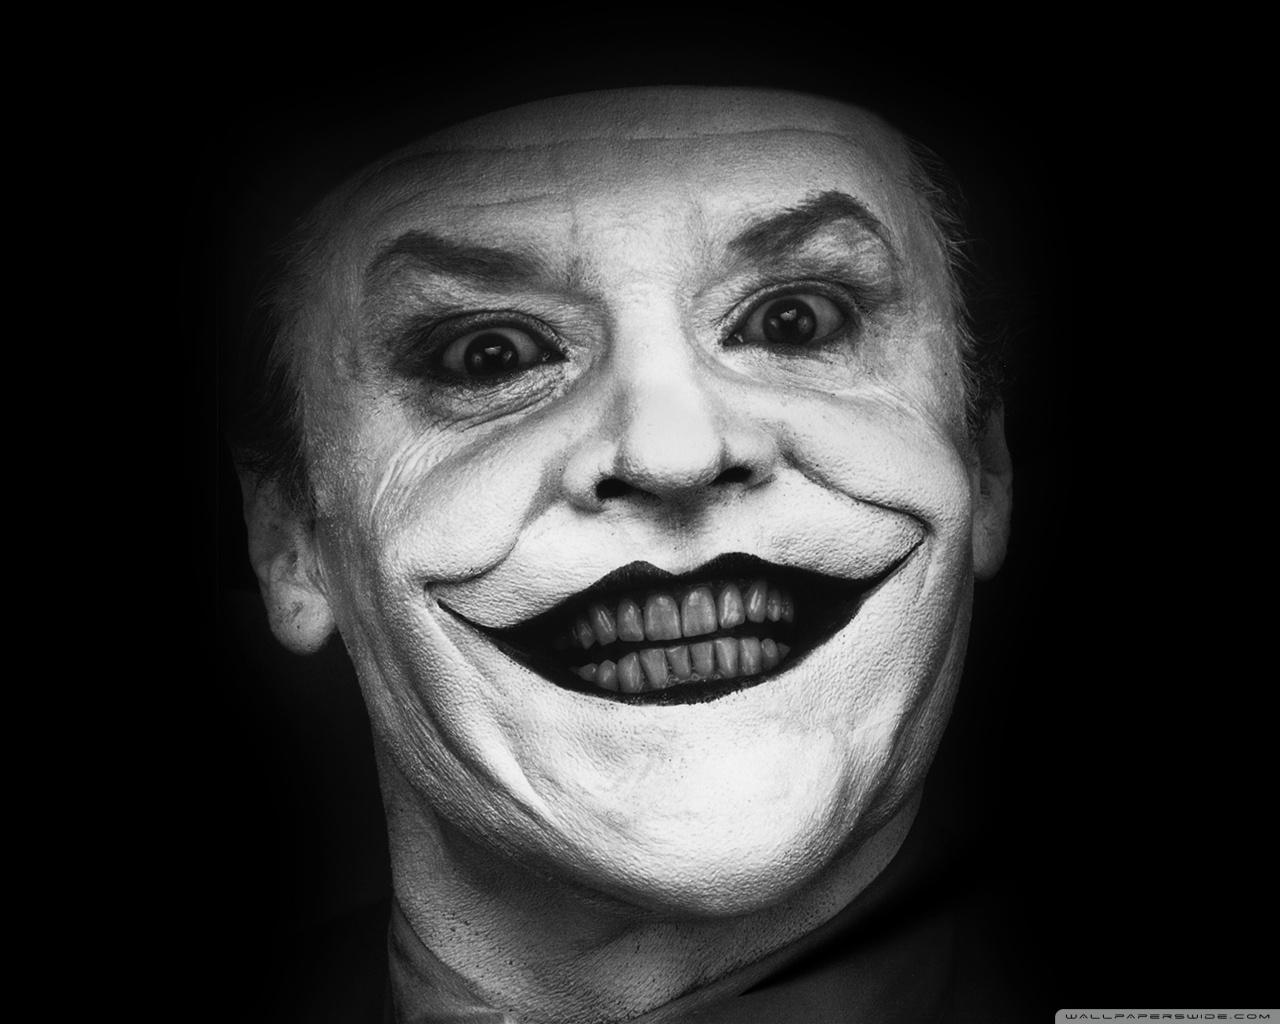 Primaires ump à paris nkm va t elle jouer son joker